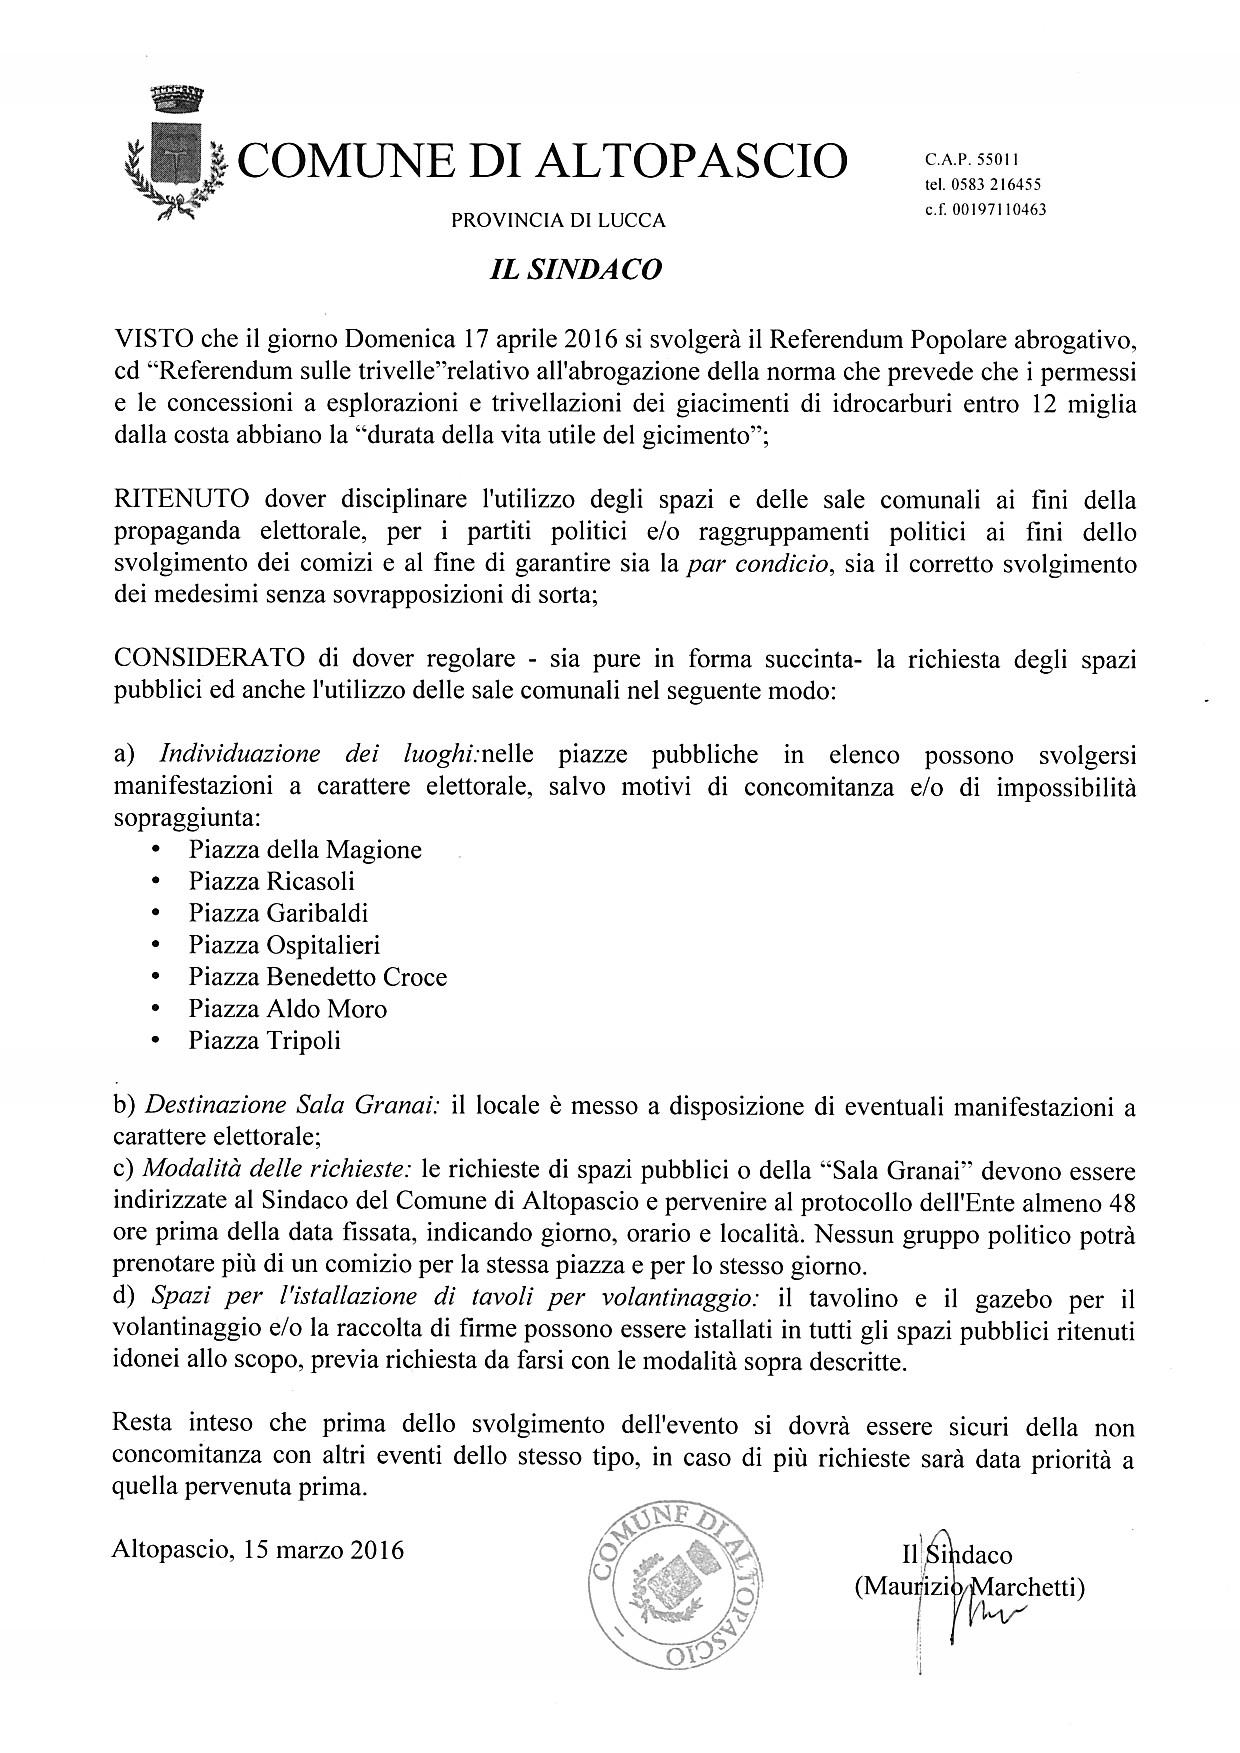 Disciplinare utilizzo spazi pubblici Referendum Popolare Abrogativo 17 Aprile 2016